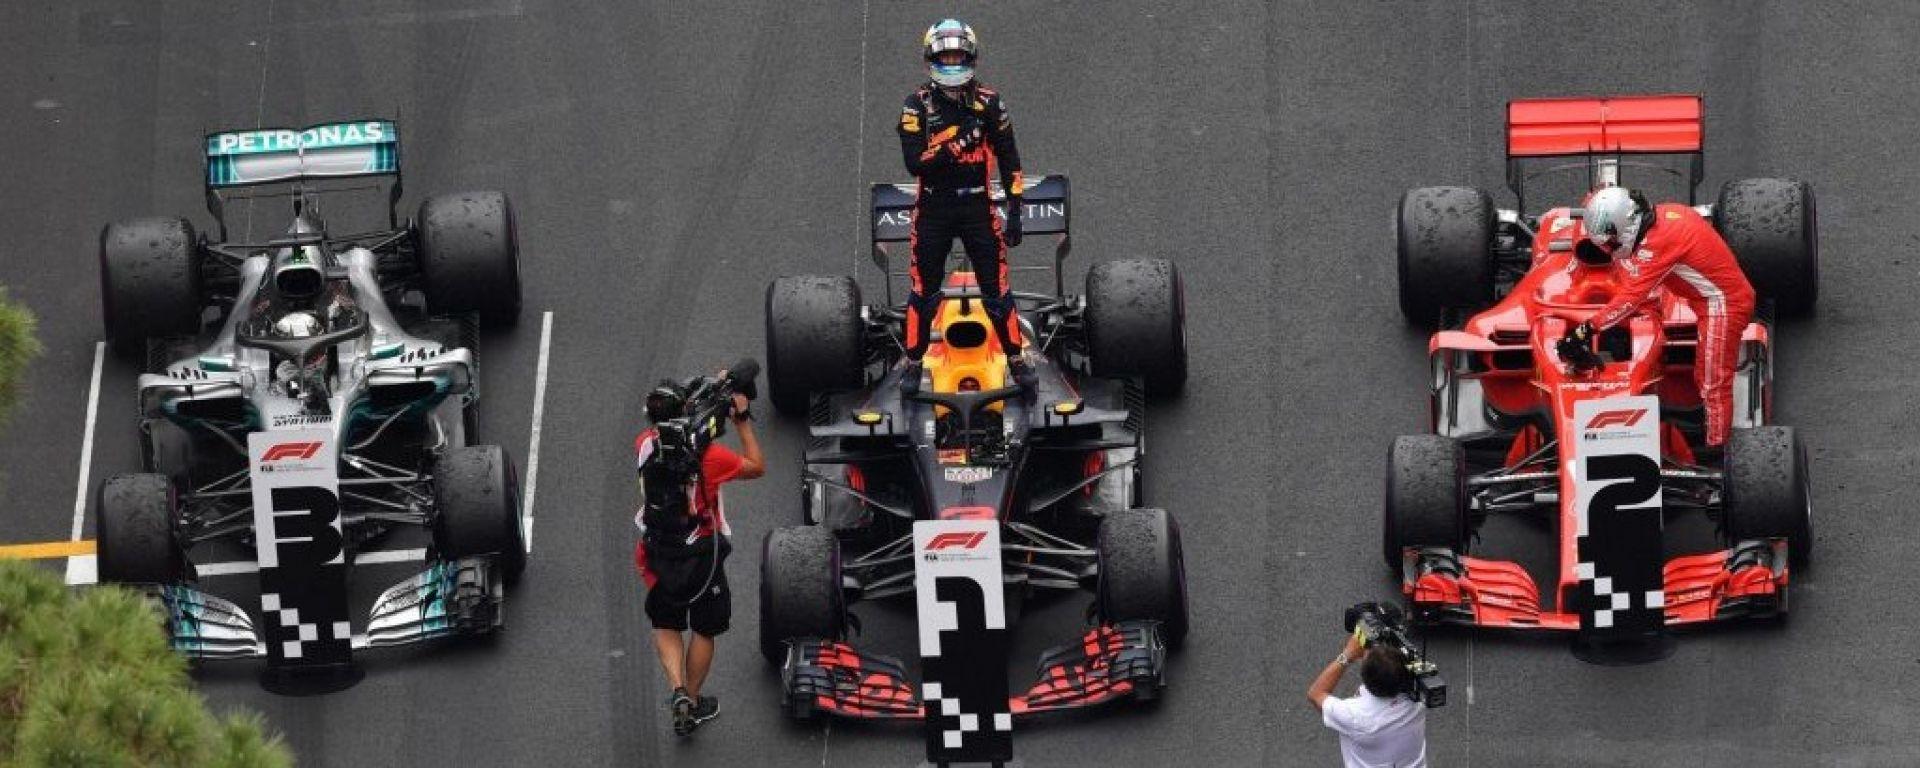 F1 2018 GP Monaco